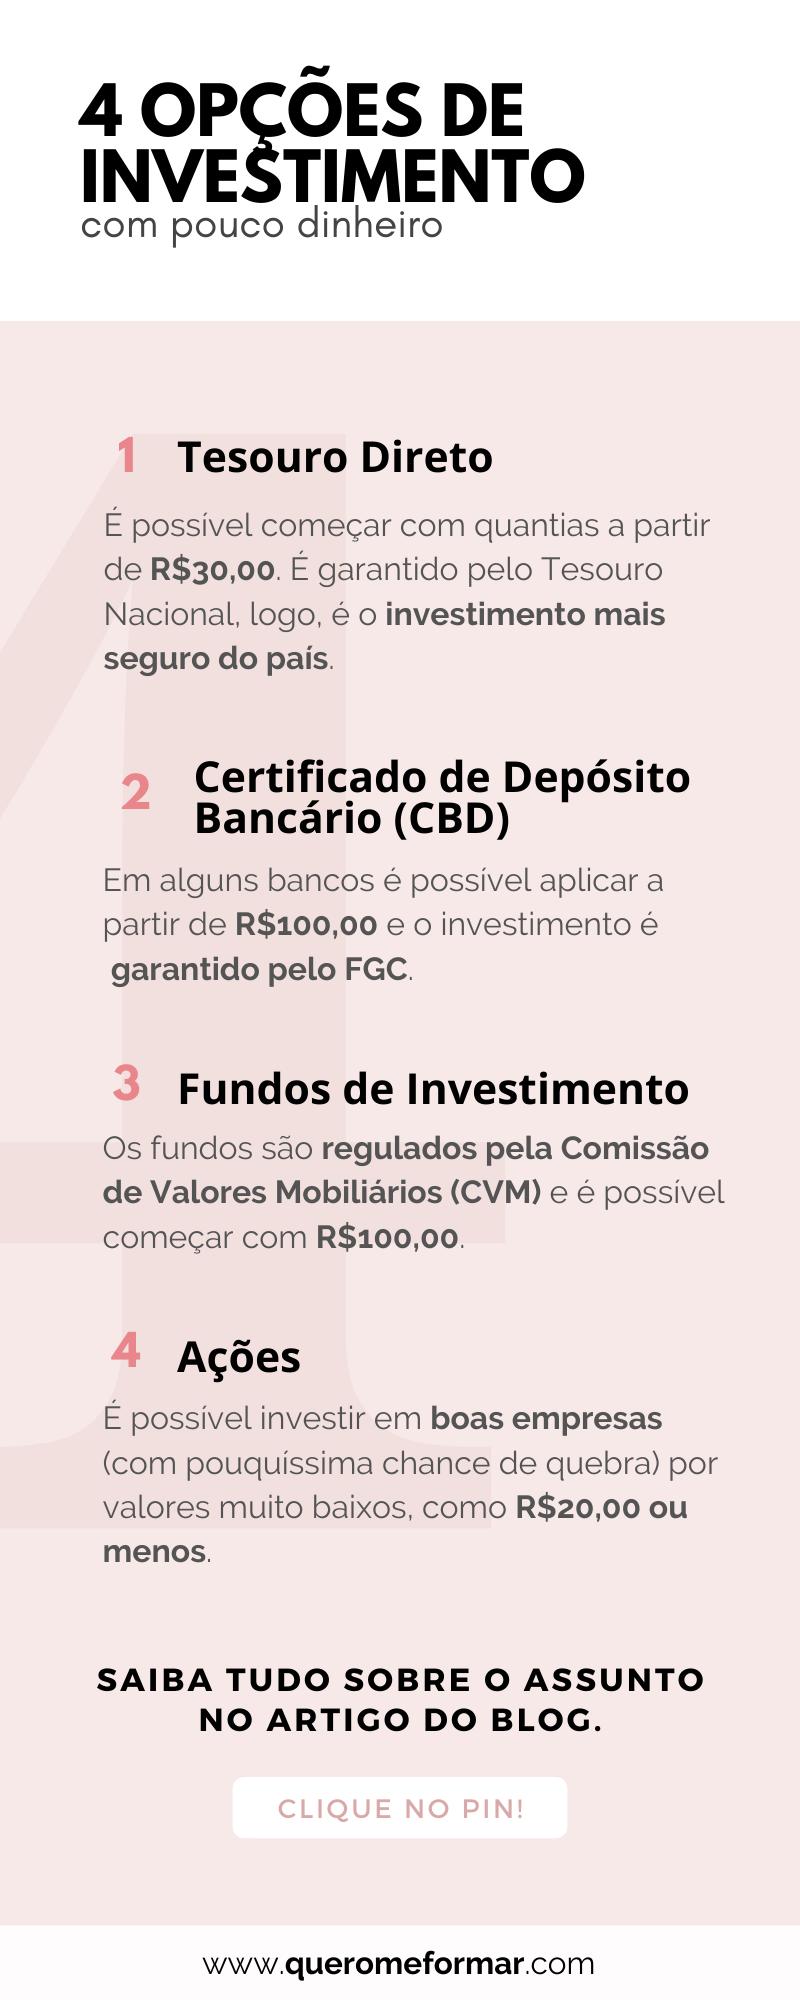 Infográfico 4 Opções de Investimento para Quem Tem Pouco Dinheiro